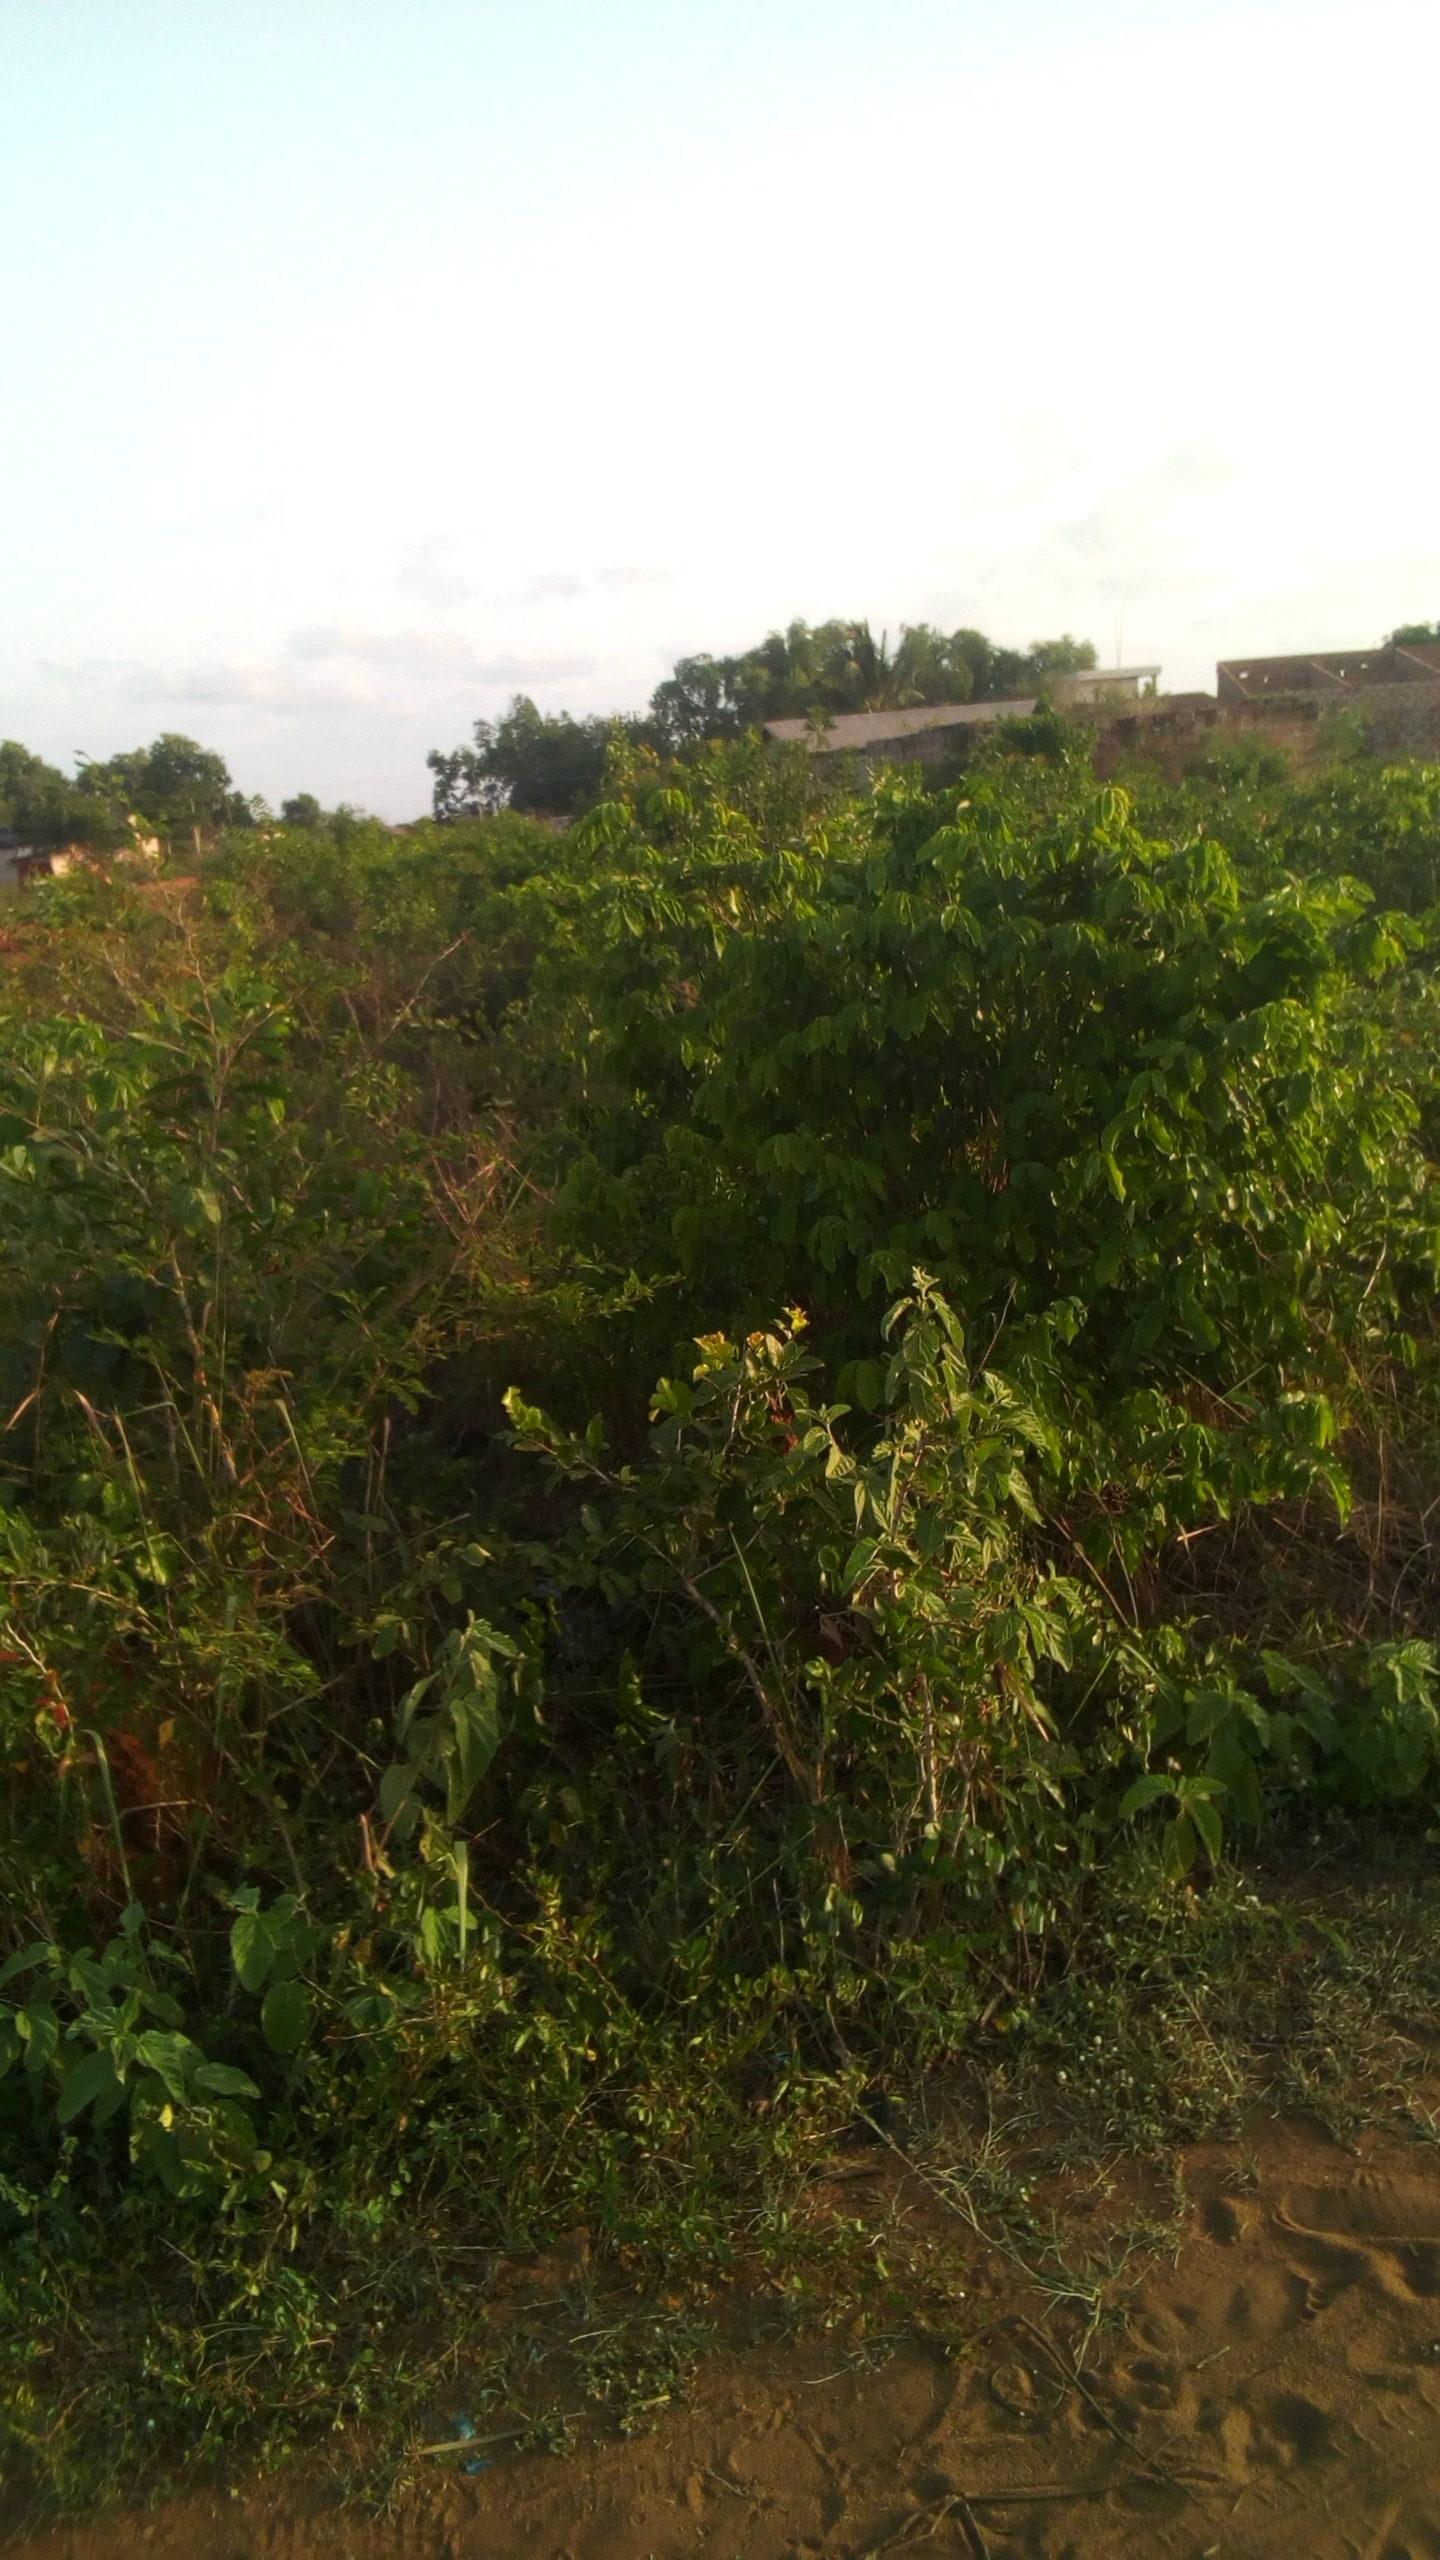 Immobilier Tourou (Bénin) : 02 parcelles loties et recasées de 500 m² chacune à Tourou, proche de la cour d'appel de Parakou.